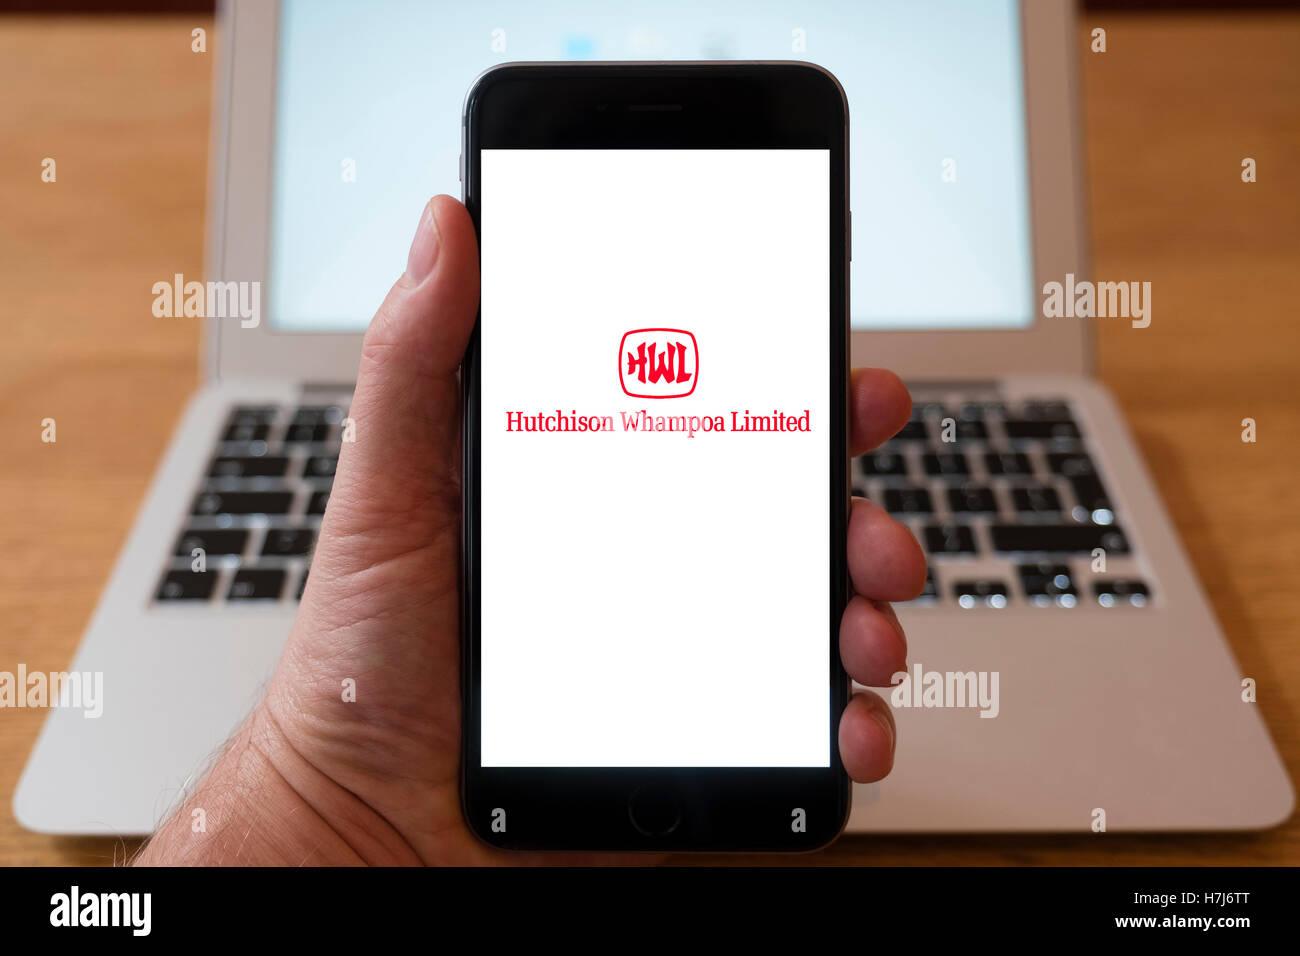 Verwenden iPhone Smartphone zum Logo von Hutchison Whampoa Ltd, Beteiligungsgesellschaft mit Sitz in Hong Kong anzeigen. Stockbild